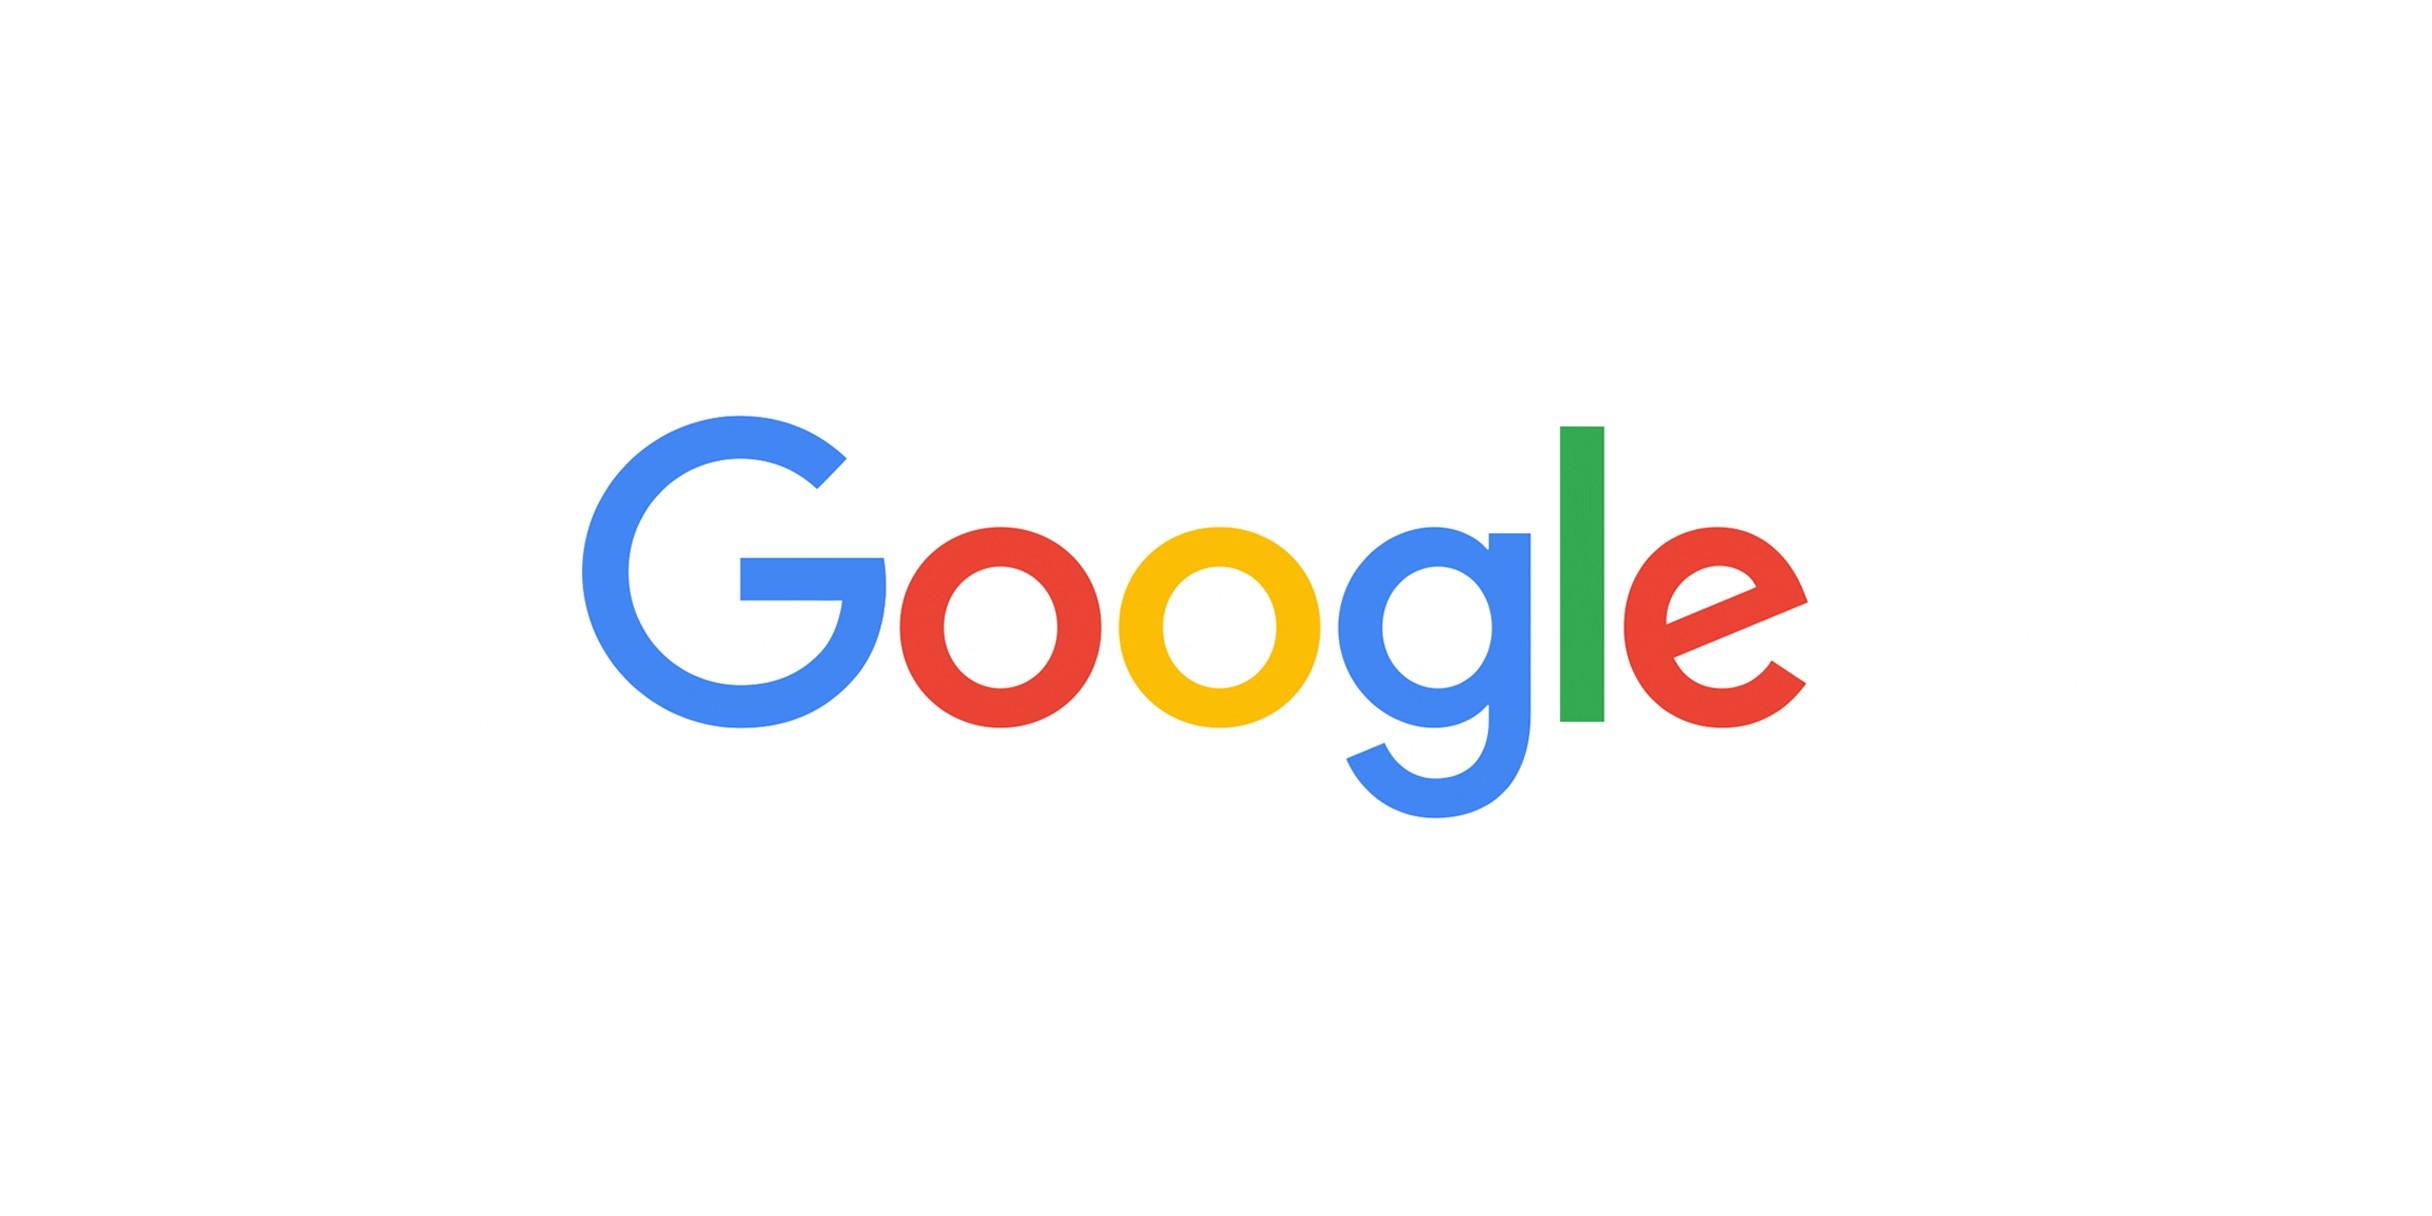 Google ถูกฟ้องร้อง ในคดี การต่อต้านการแข่งขันทางการค้าในประเทศสหรัฐอเมริกา